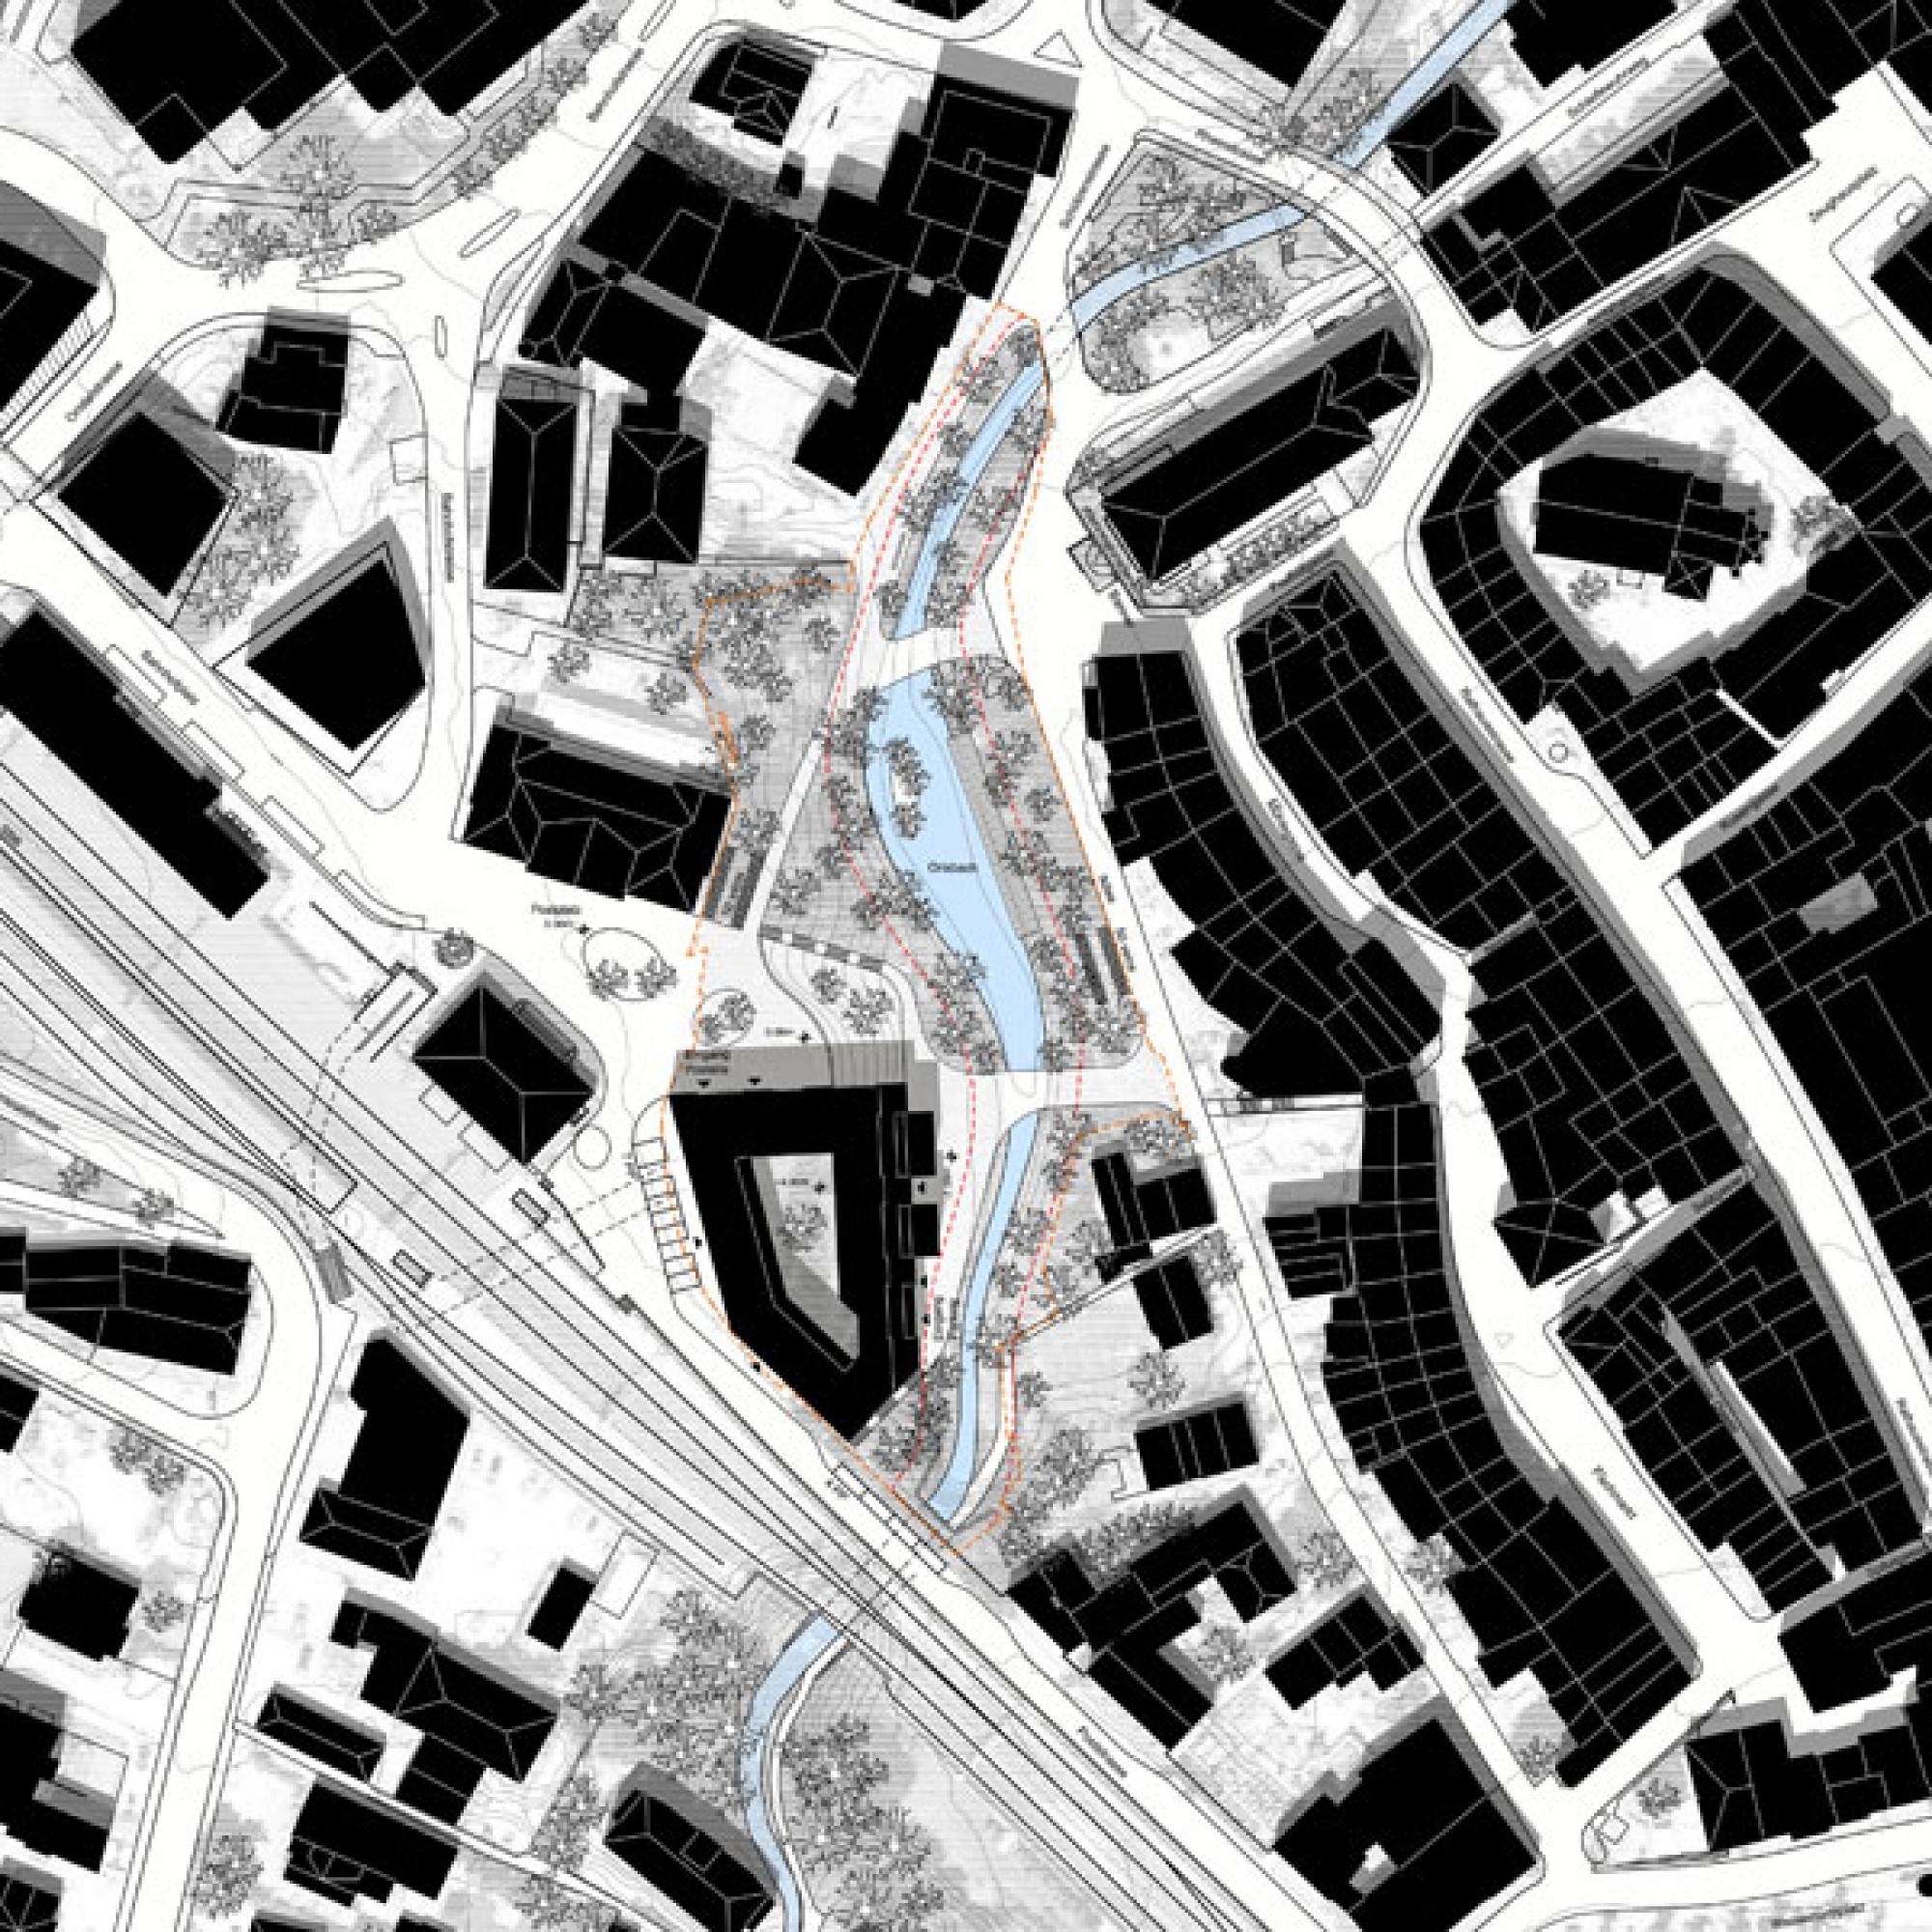 Situationsplan mit fünfeckigem Neubau am Postplatz Liestal (Christ & Gantenbein Architekten)